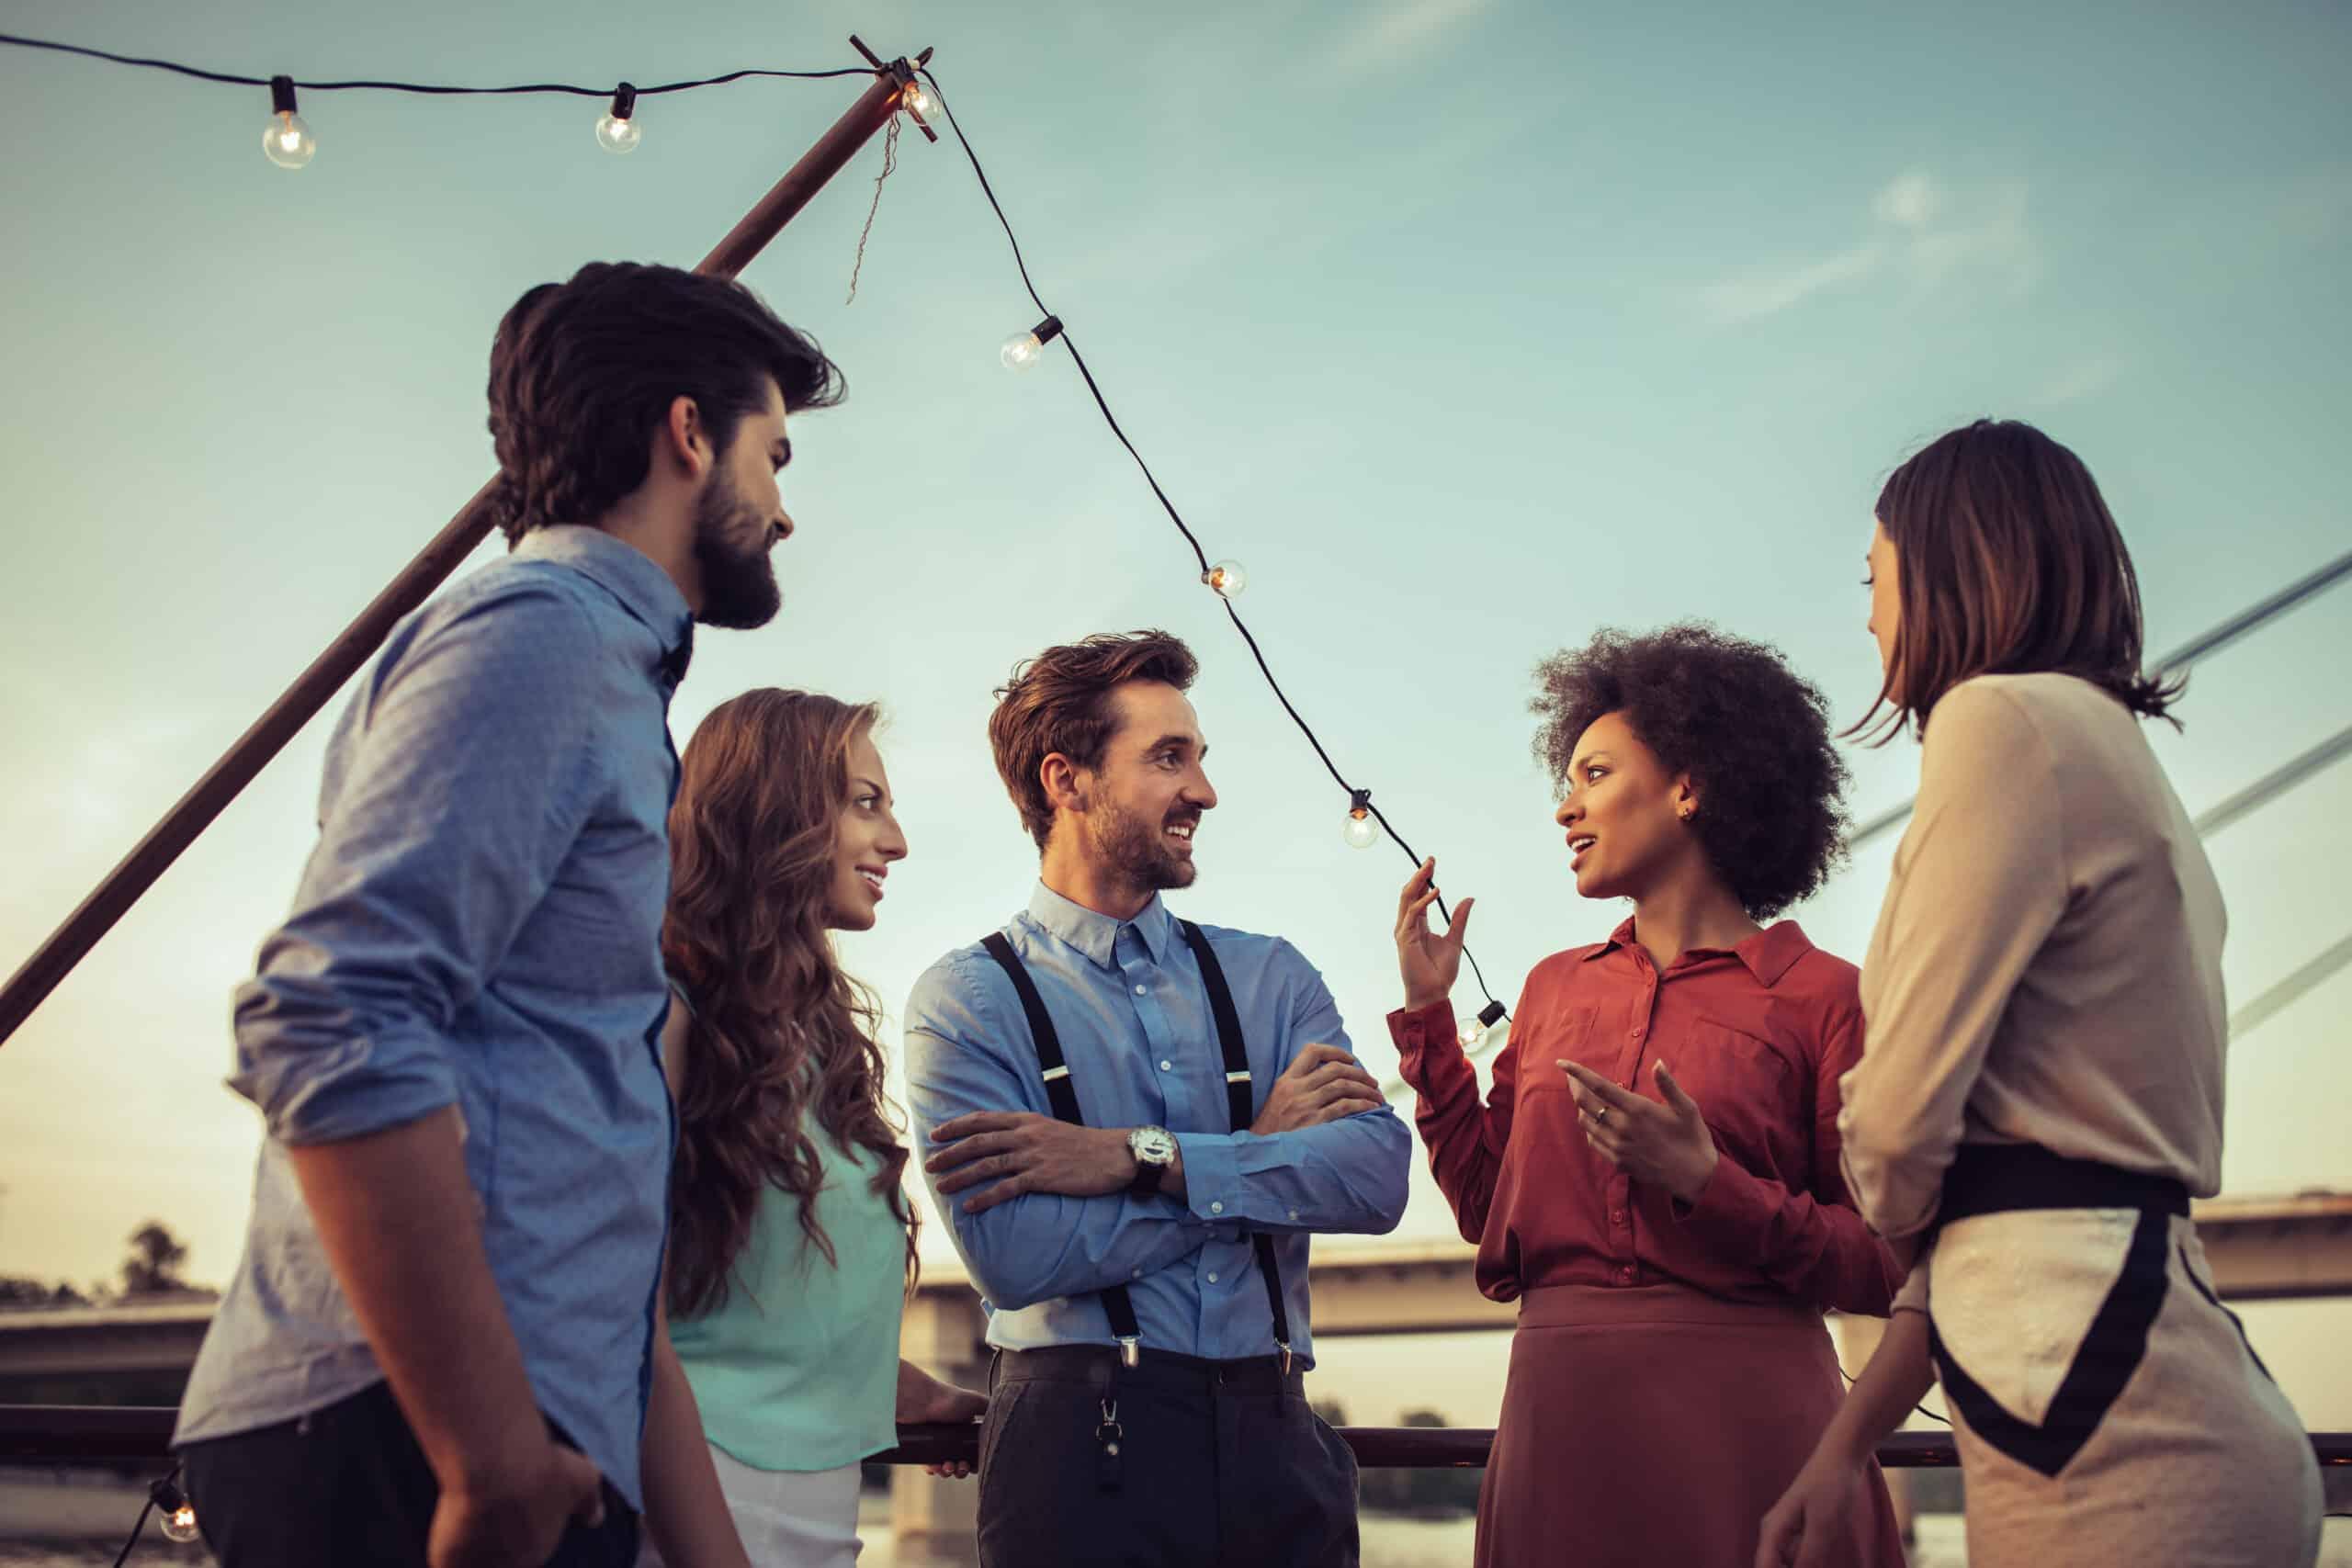 grupa pracowników integrujących się na statku